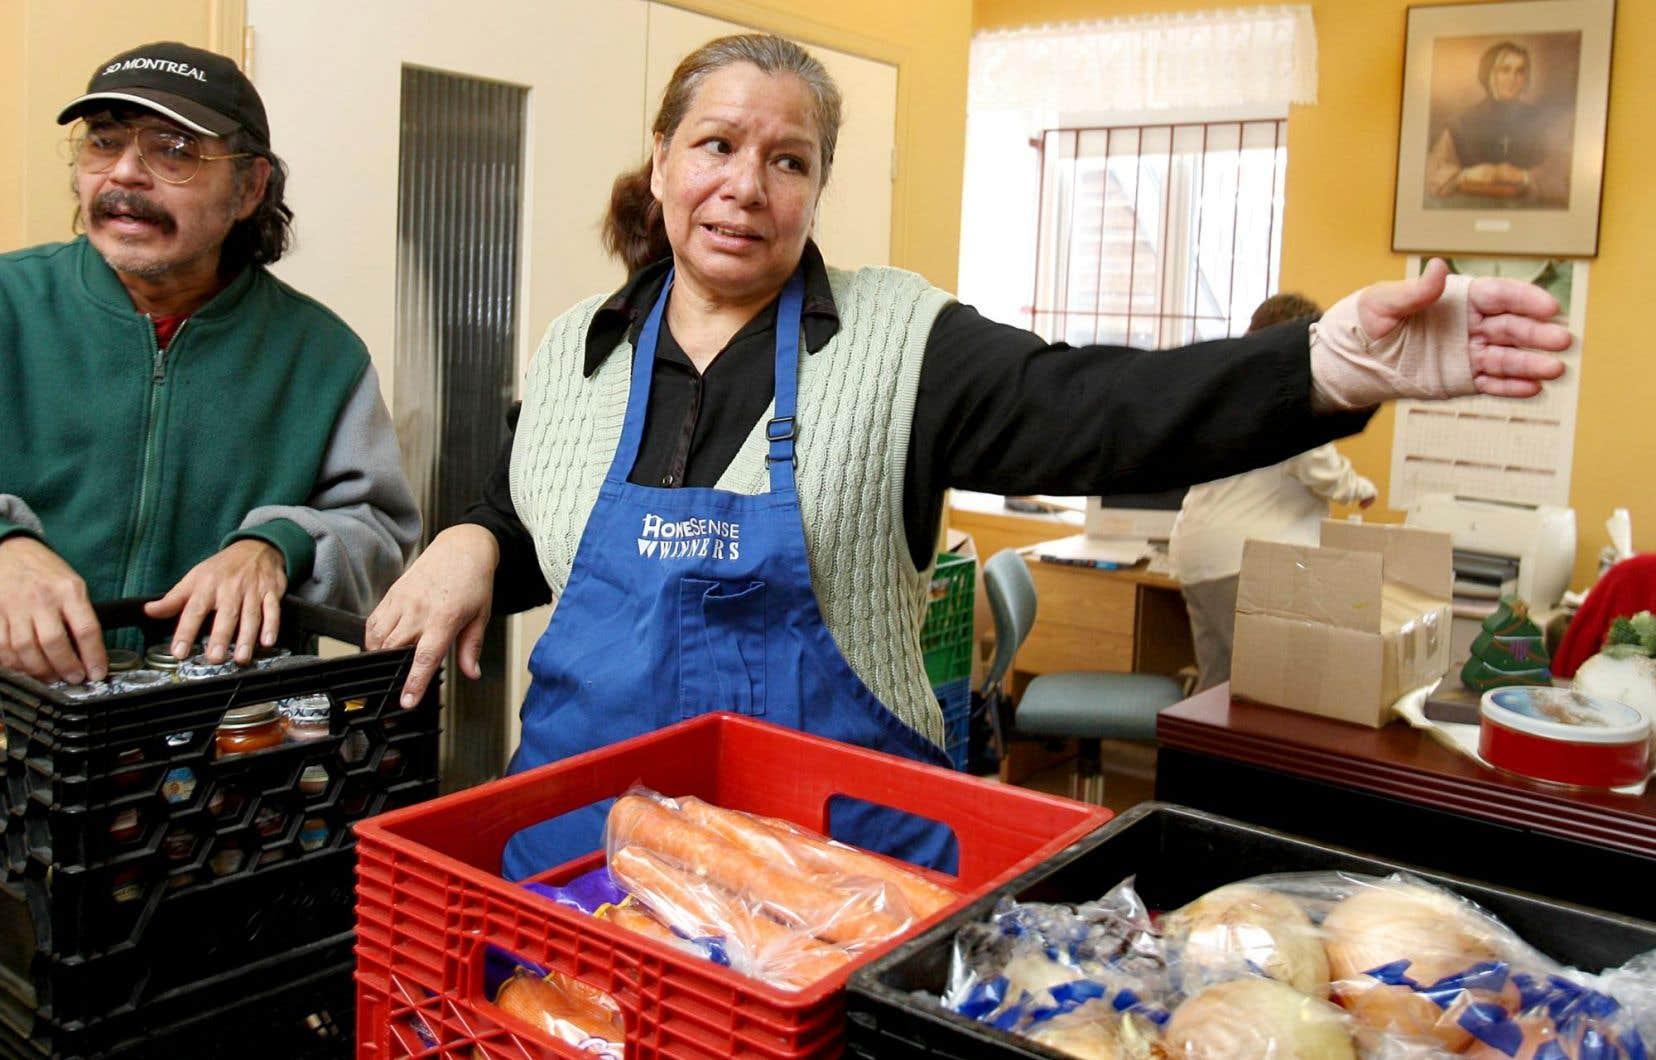 La fermeture guette également la Maison du partage d'Youville, une banque alimentaire de Pointe-Saint-Charles.